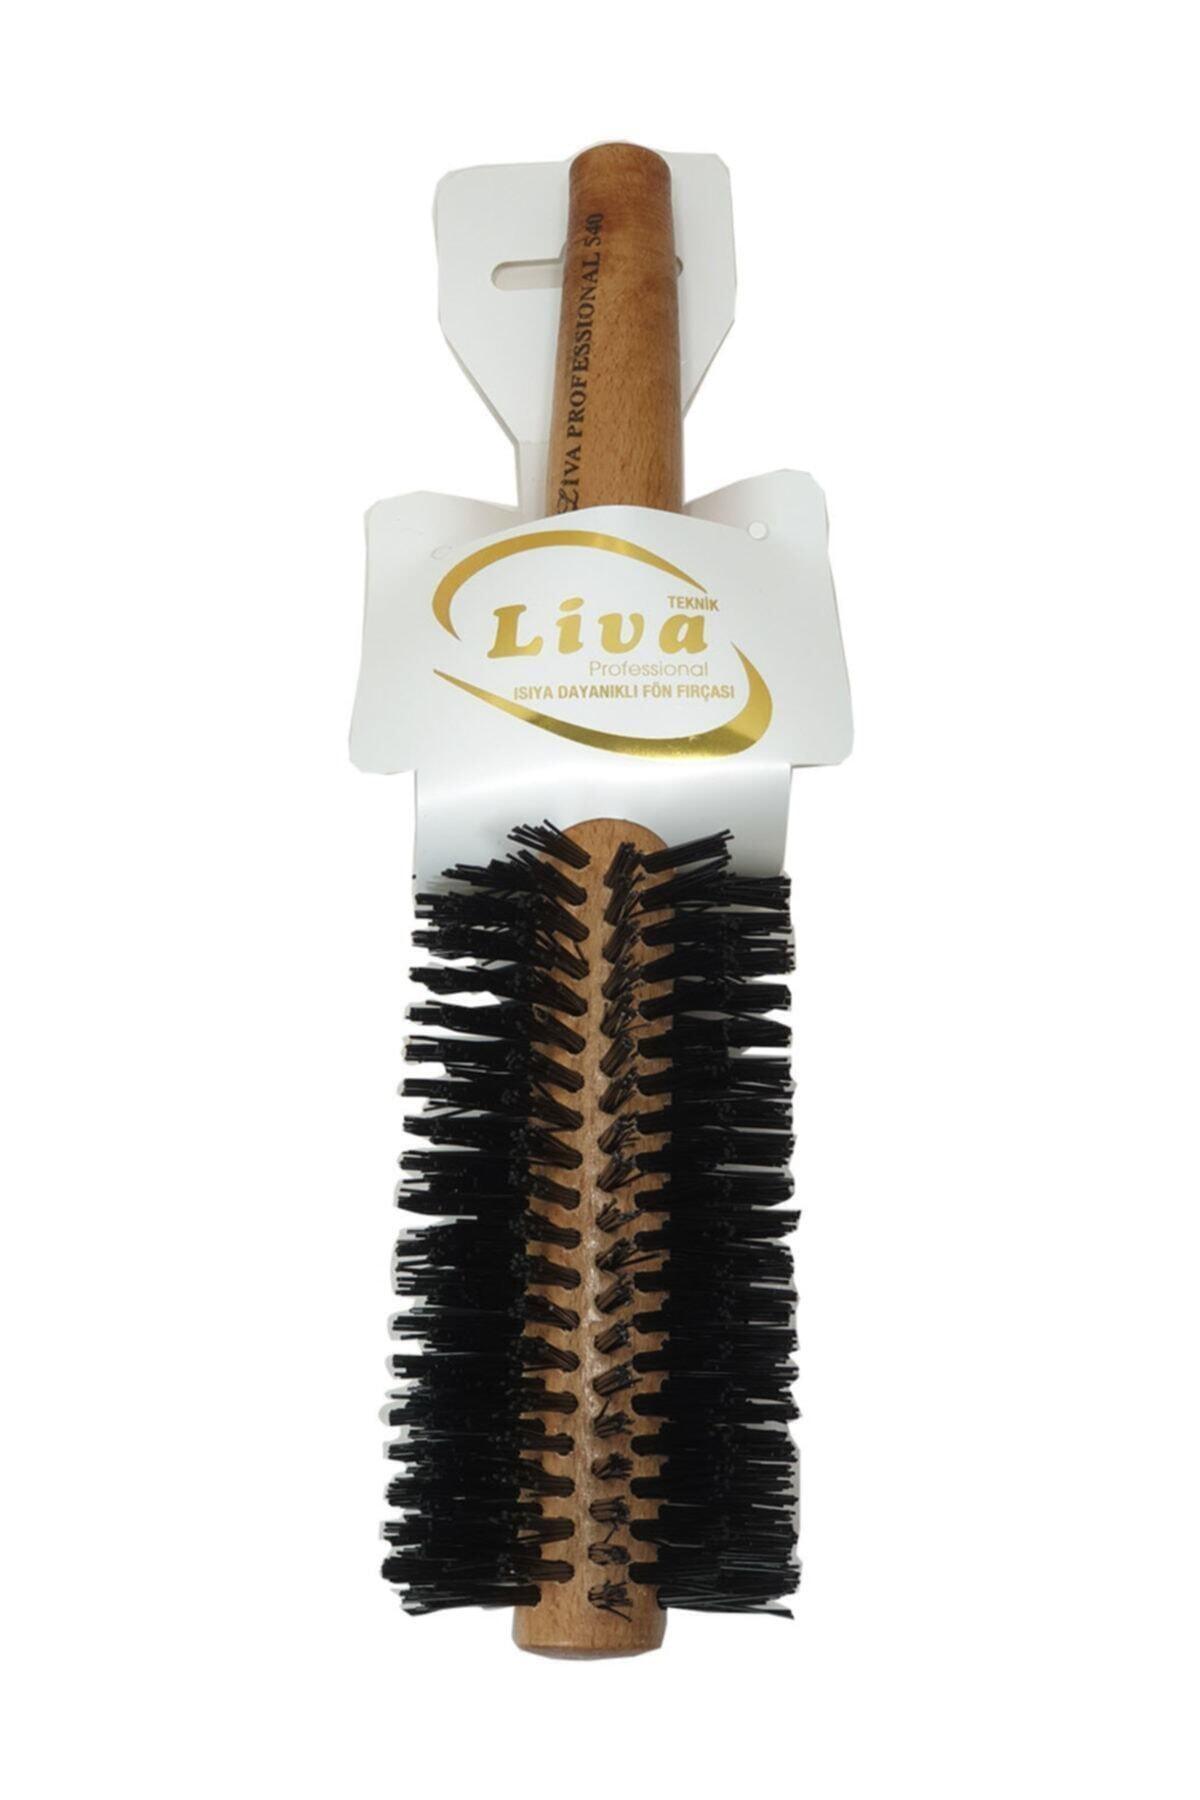 Saç Fırçası Yanmaz Profesyonel Büyük Fön Fırçası